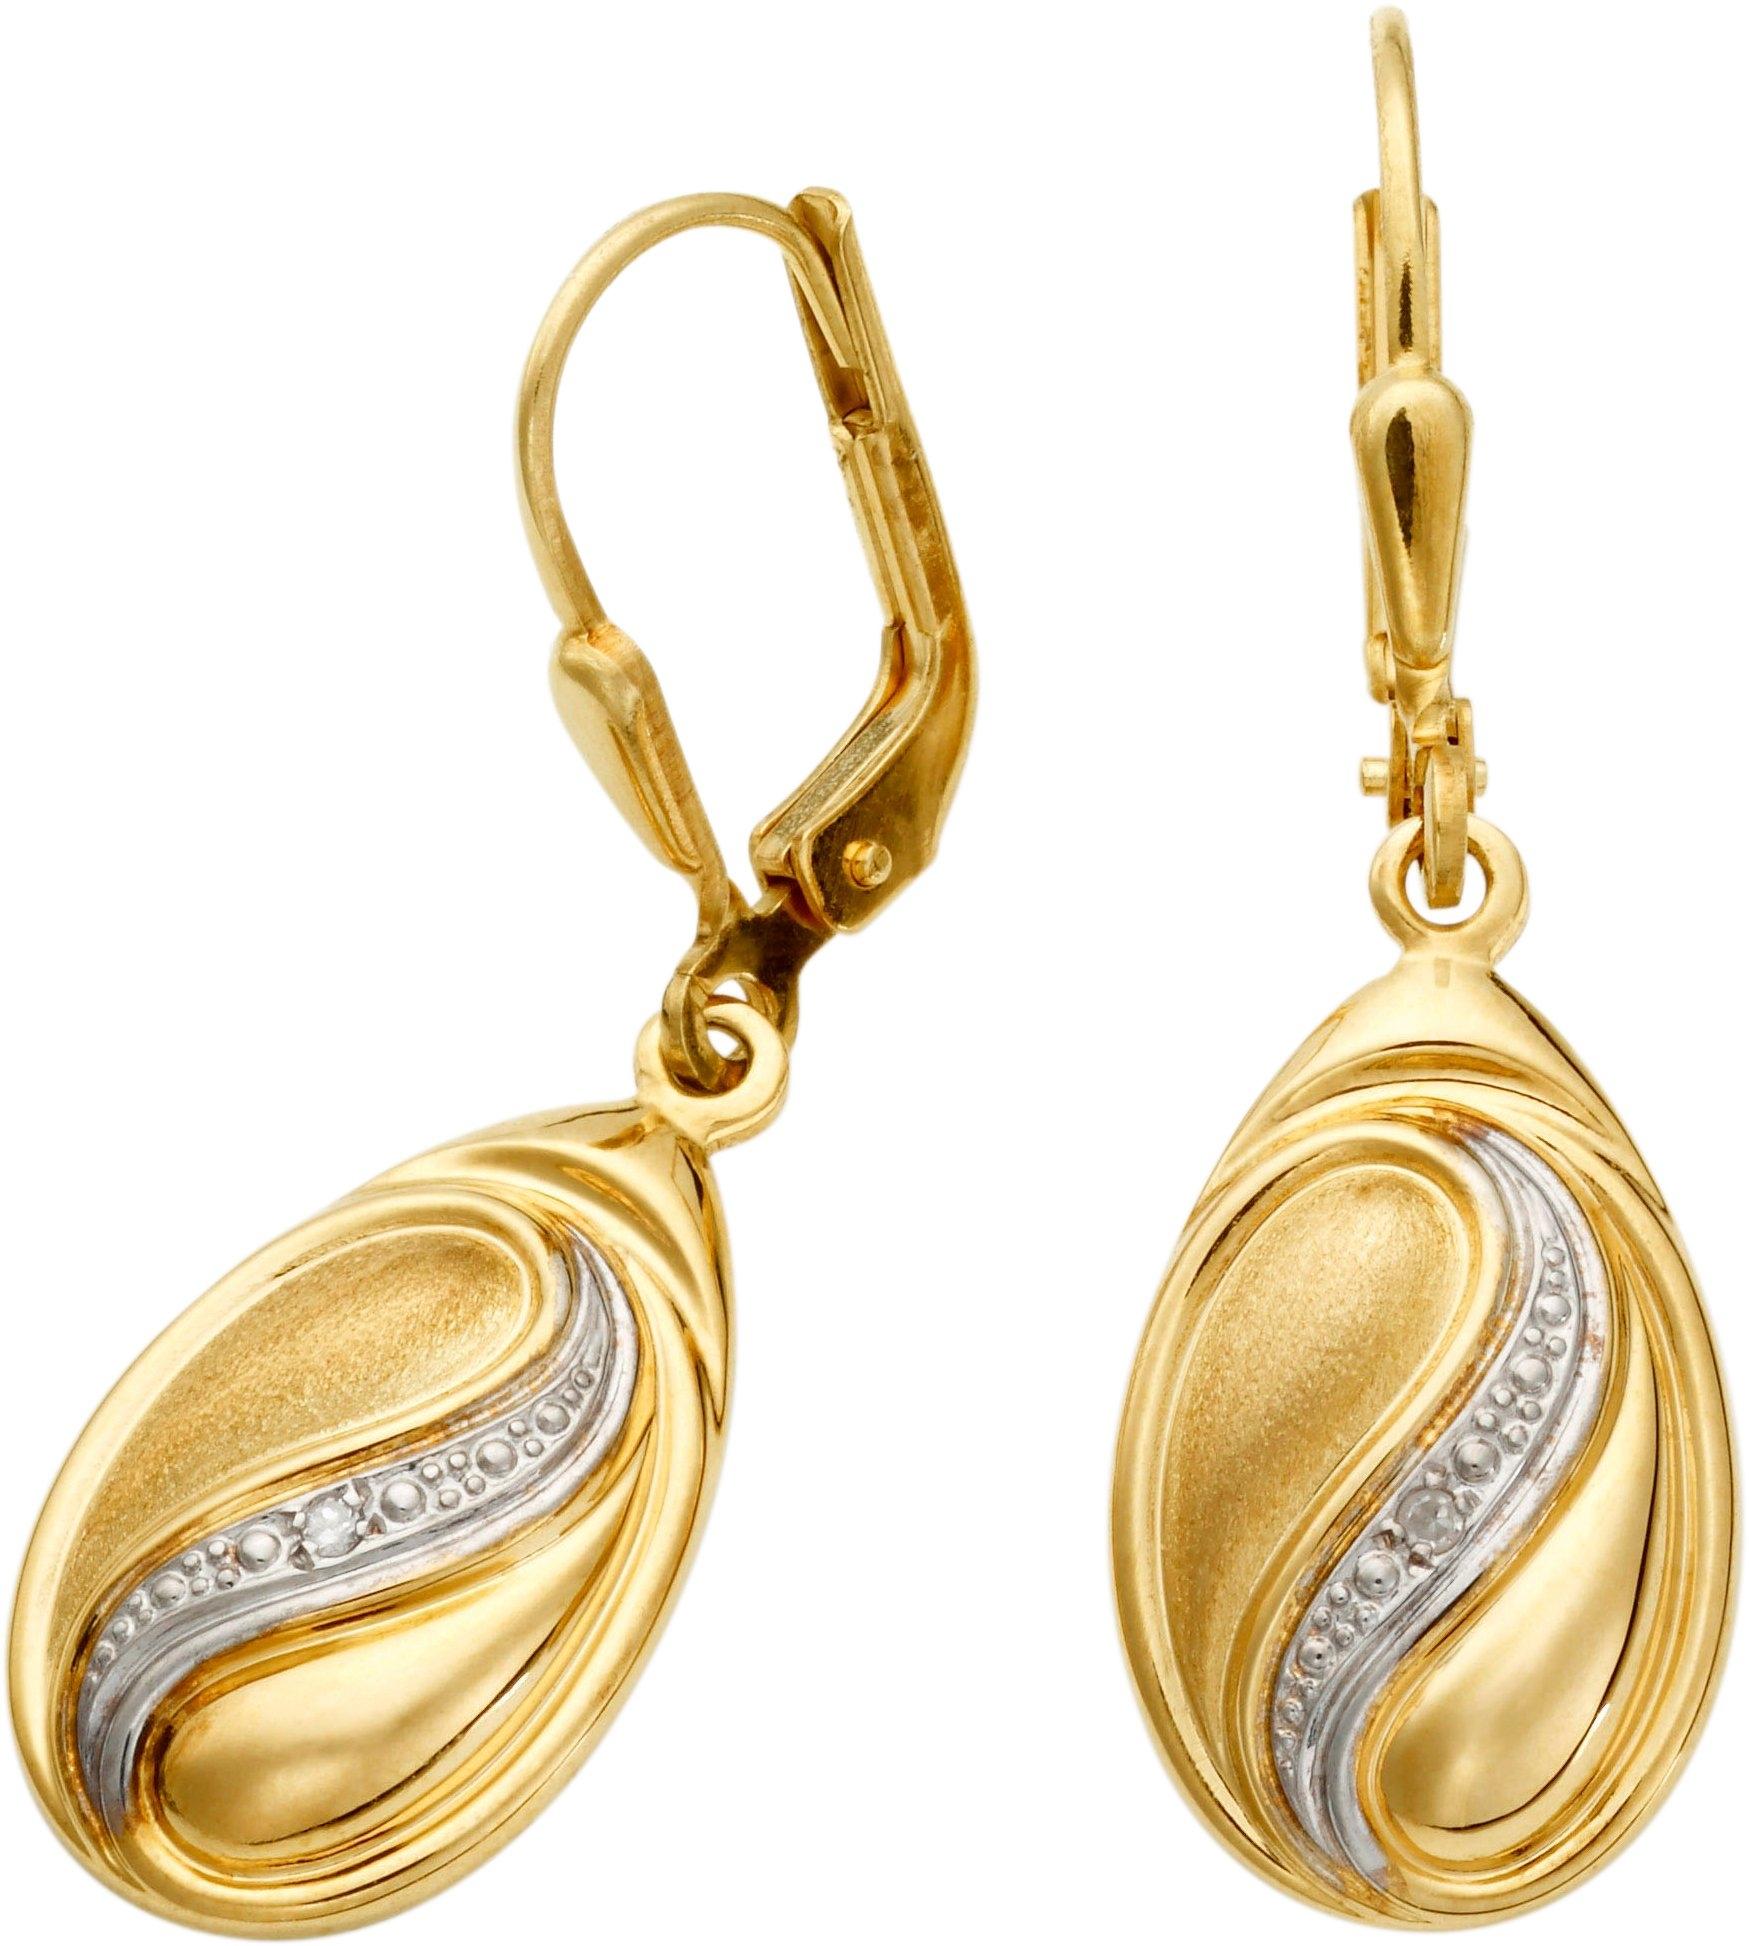 Lady oorhangers met diamant in de webshop van OTTO kopen